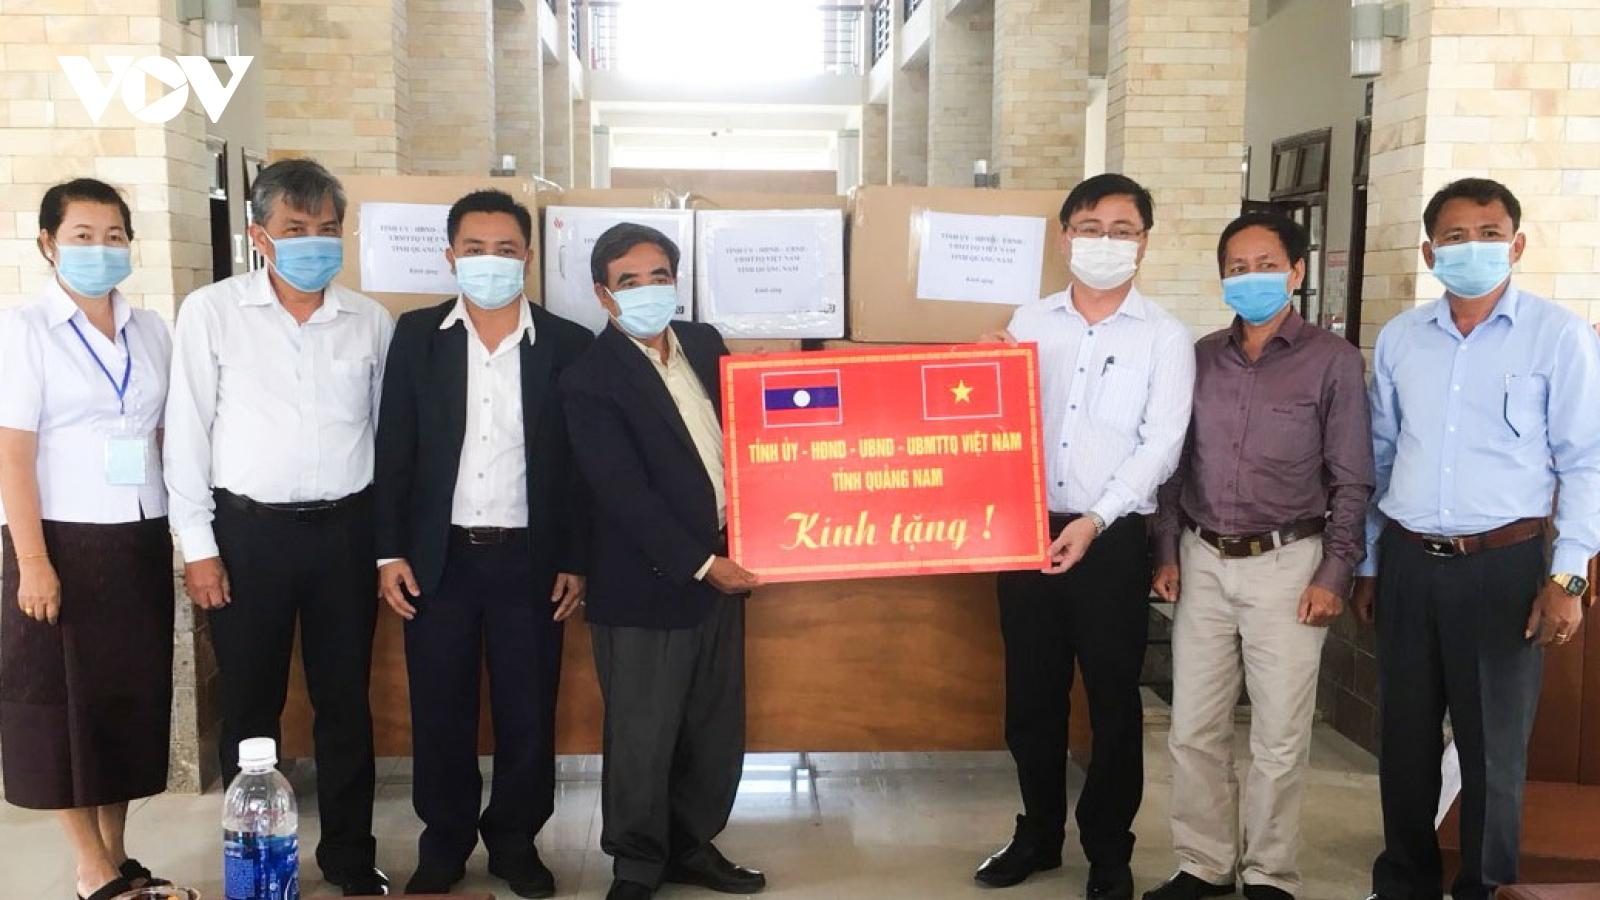 Quảng Nam hỗ trợ trang thiết bị phòng chống dịch Covid-19 cho tỉnh Sê Kông (Lào)